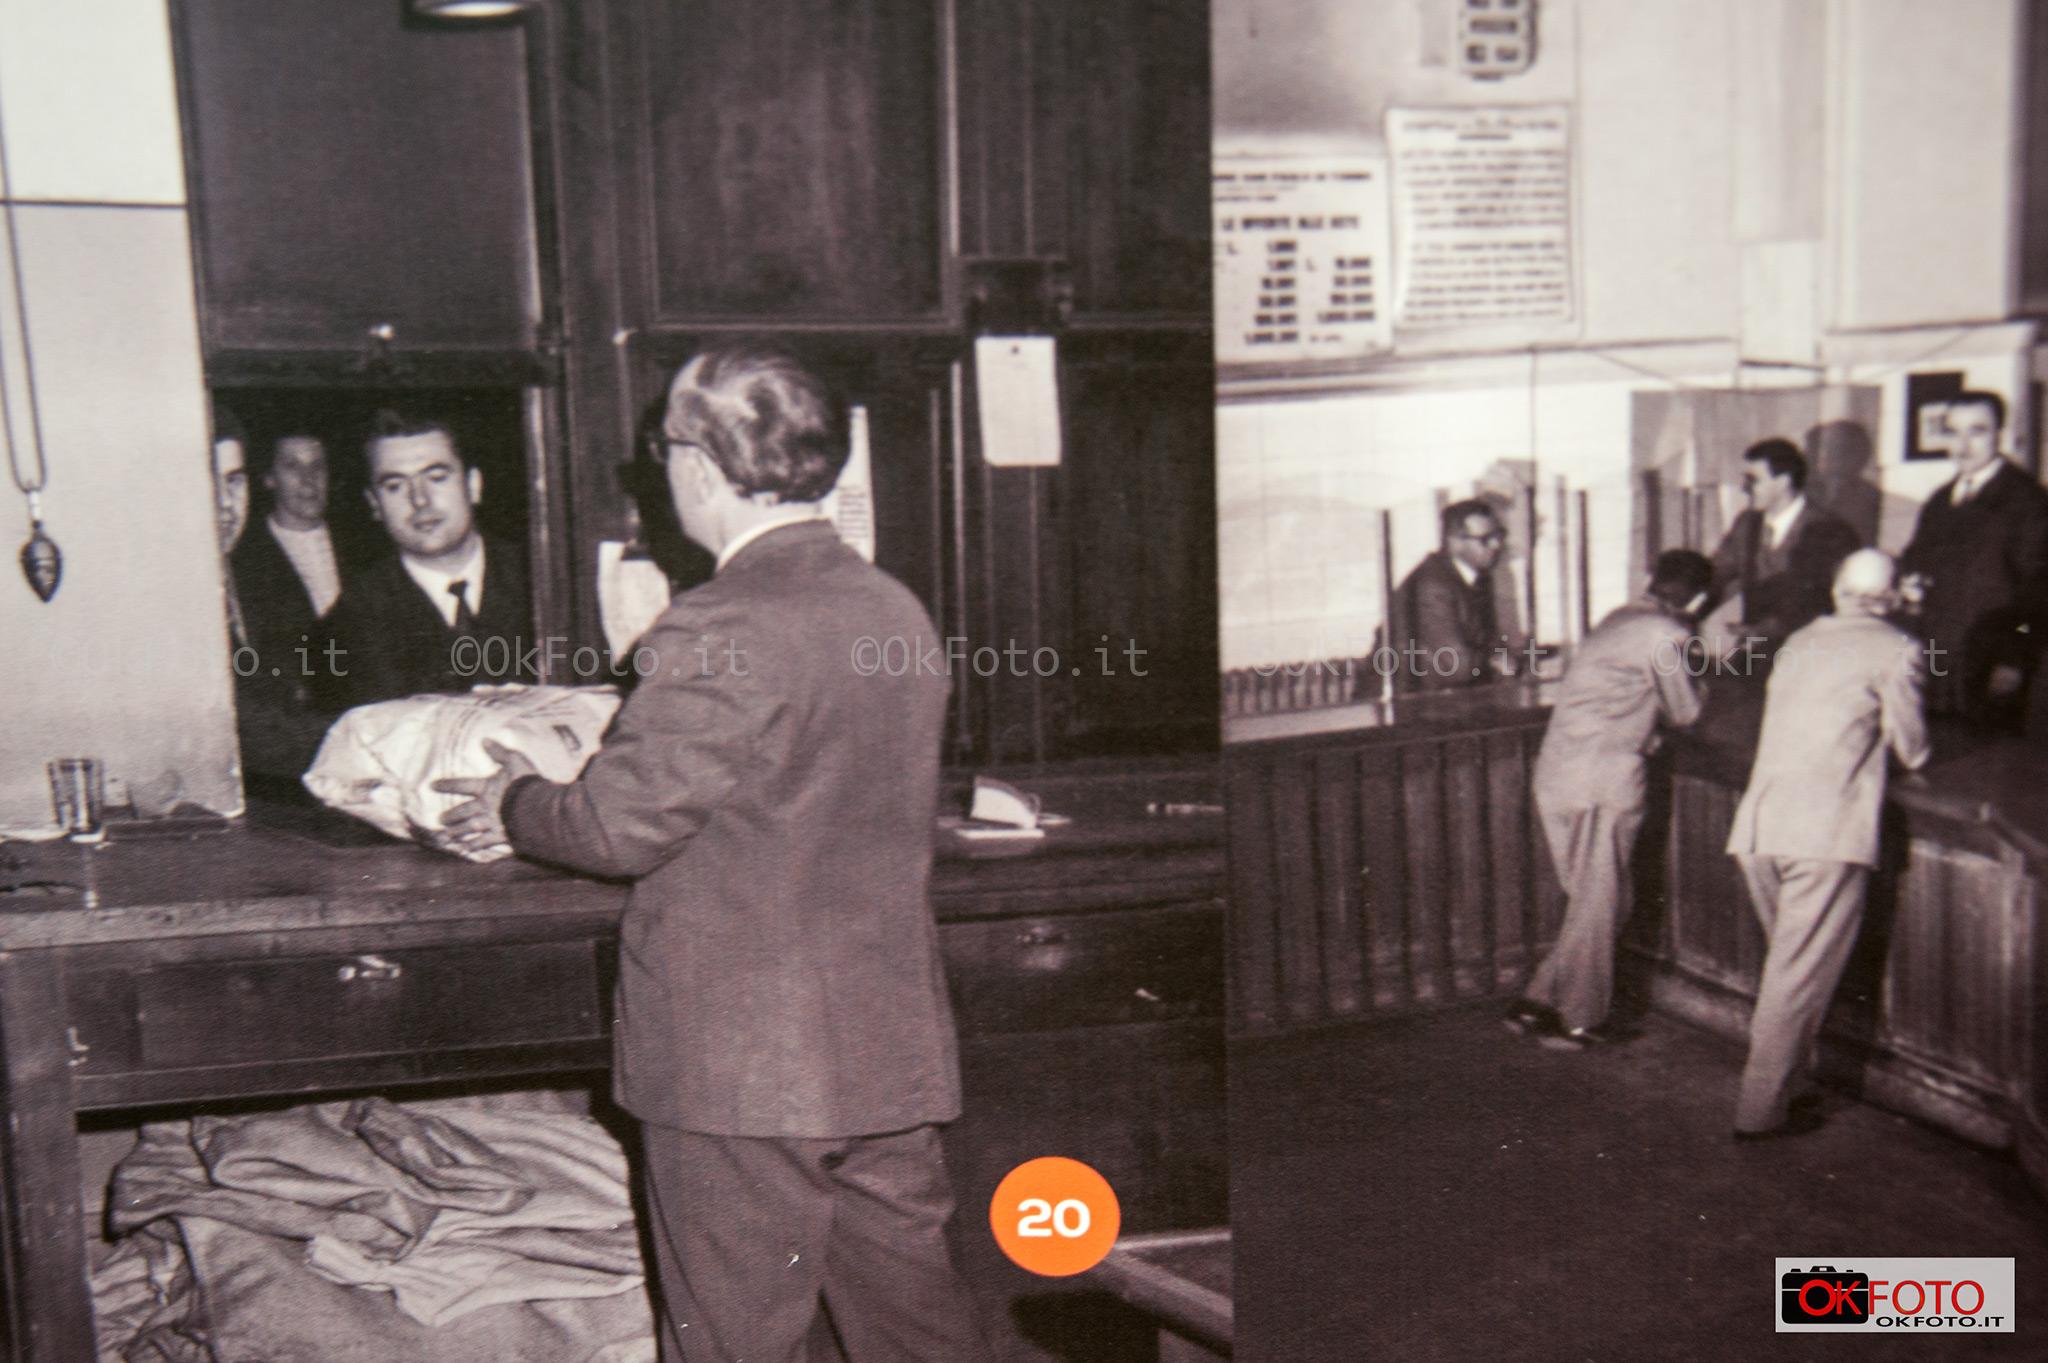 Una fotografia dell'archivo della Compagnia di San Paolo